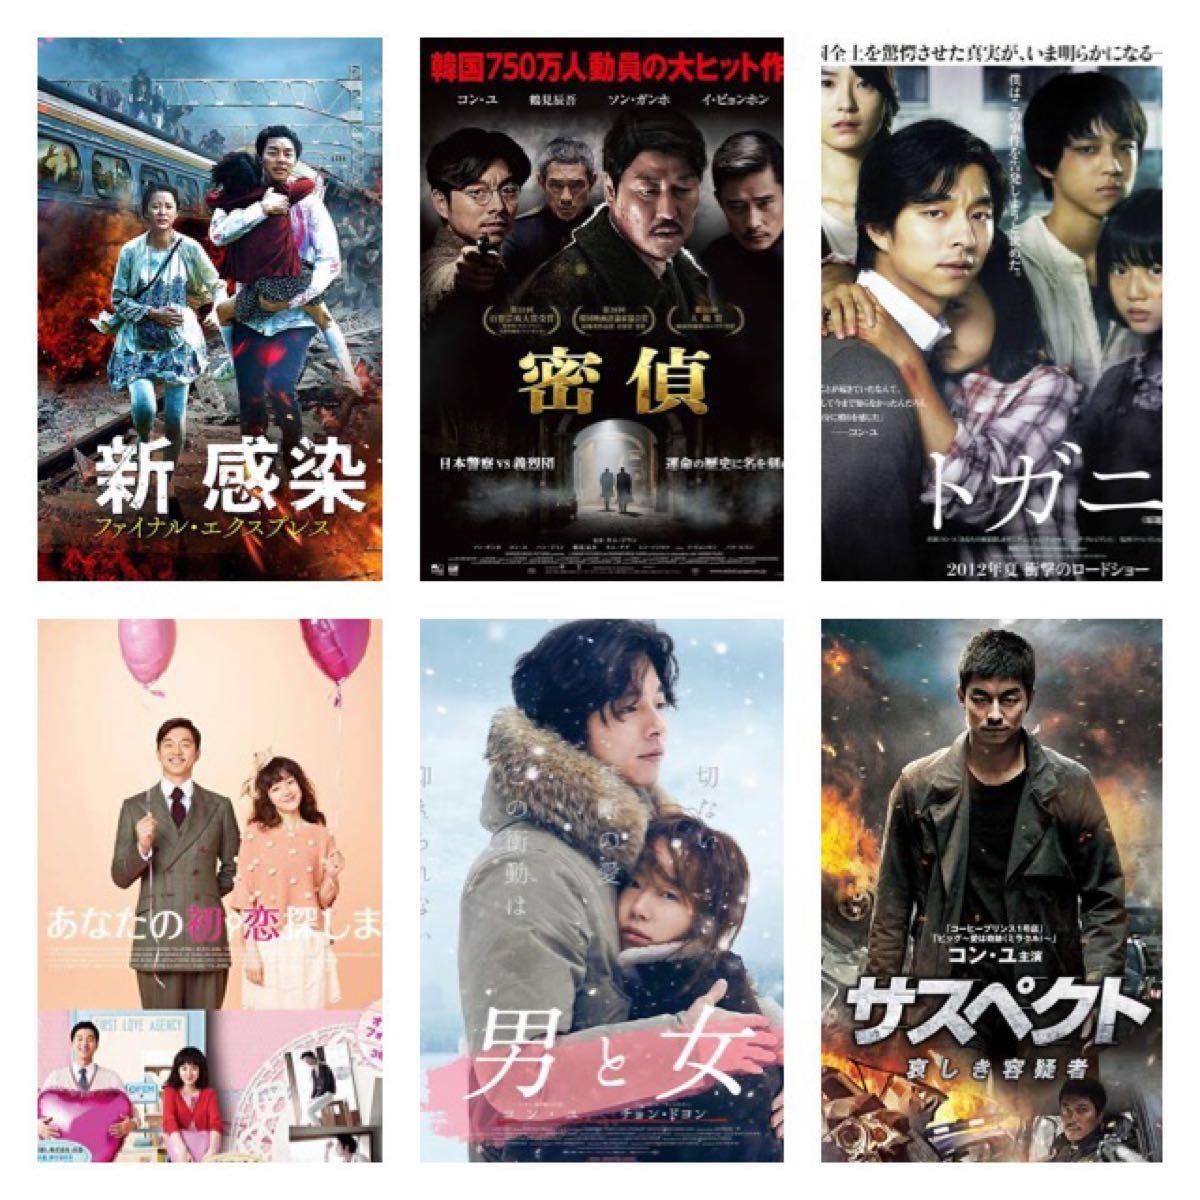 韓国映画DVD6枚セット【コン・ユ出演作品】